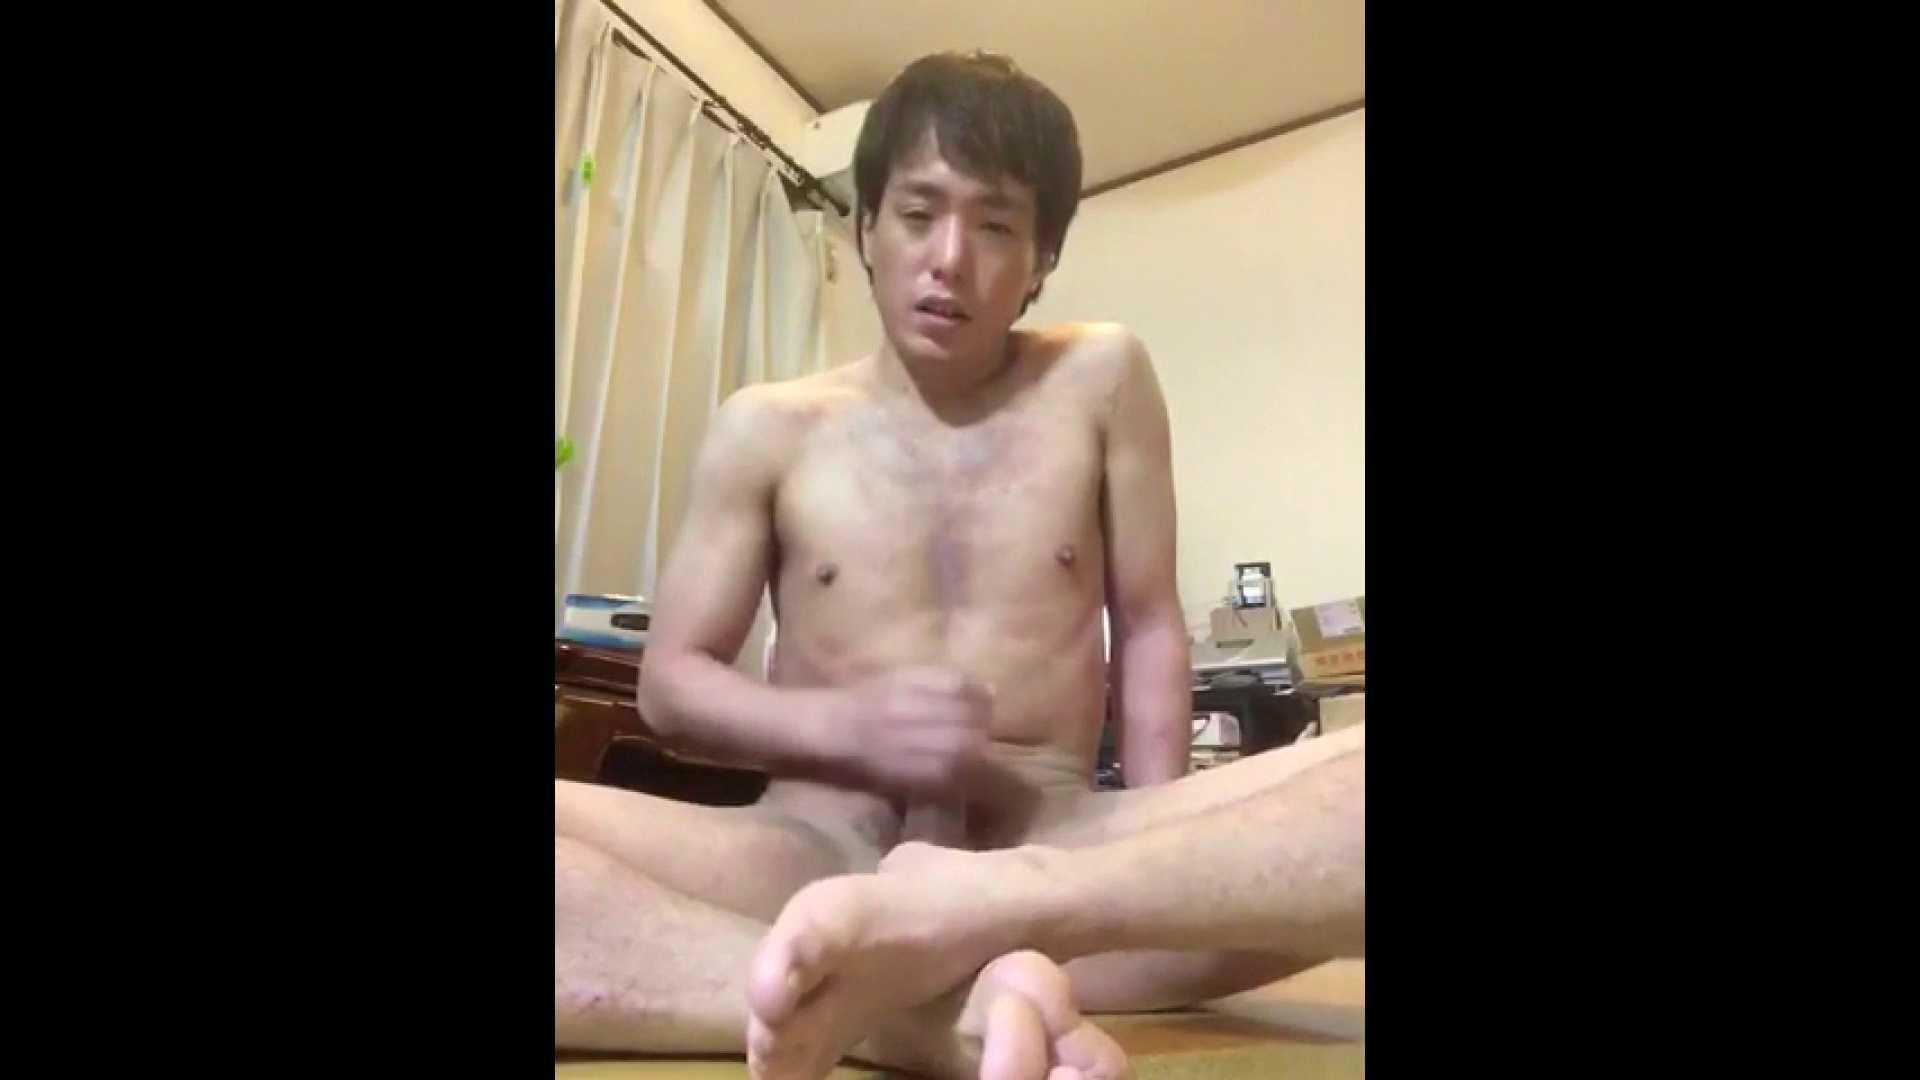 個人撮影 自慰の極意 Vol.30 無修正 ゲイAV画像 78pic 44